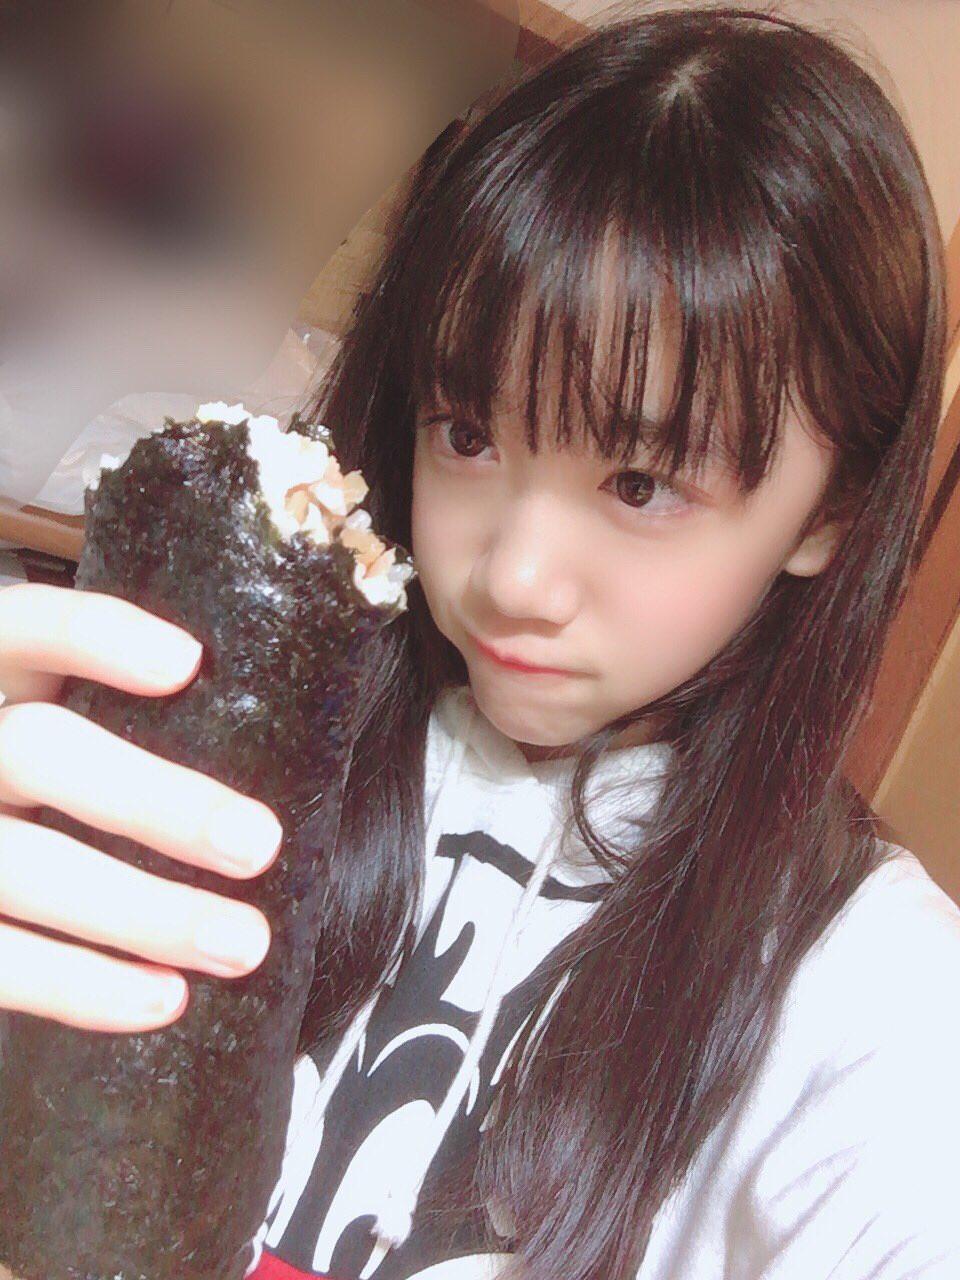 又长又黑的惠方卷 美女吃惠方卷的浮想联翩 4